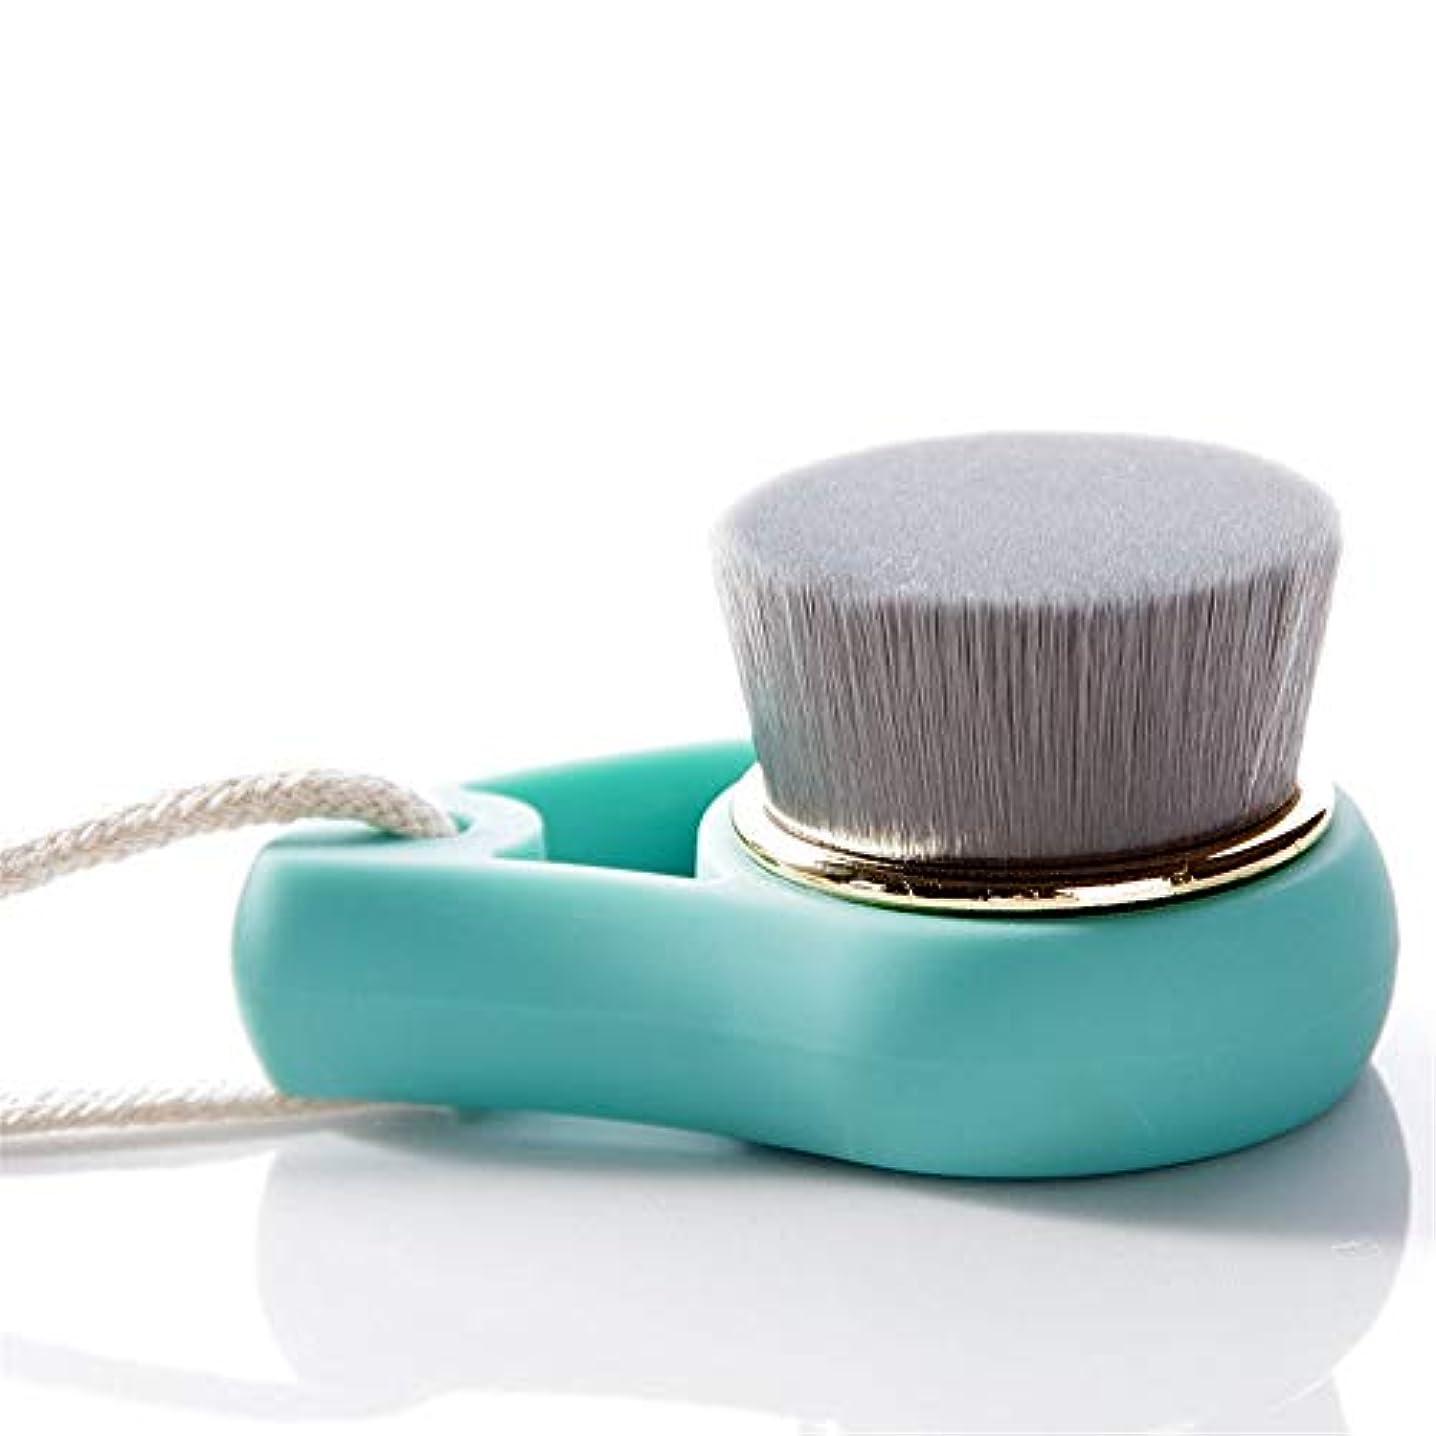 軽量形式少年洗顔ブラシ ソフト剛毛フェイスクリーニング美容ブラシ女性のクレンジングブラシ ディープクレンジングスキンケア用